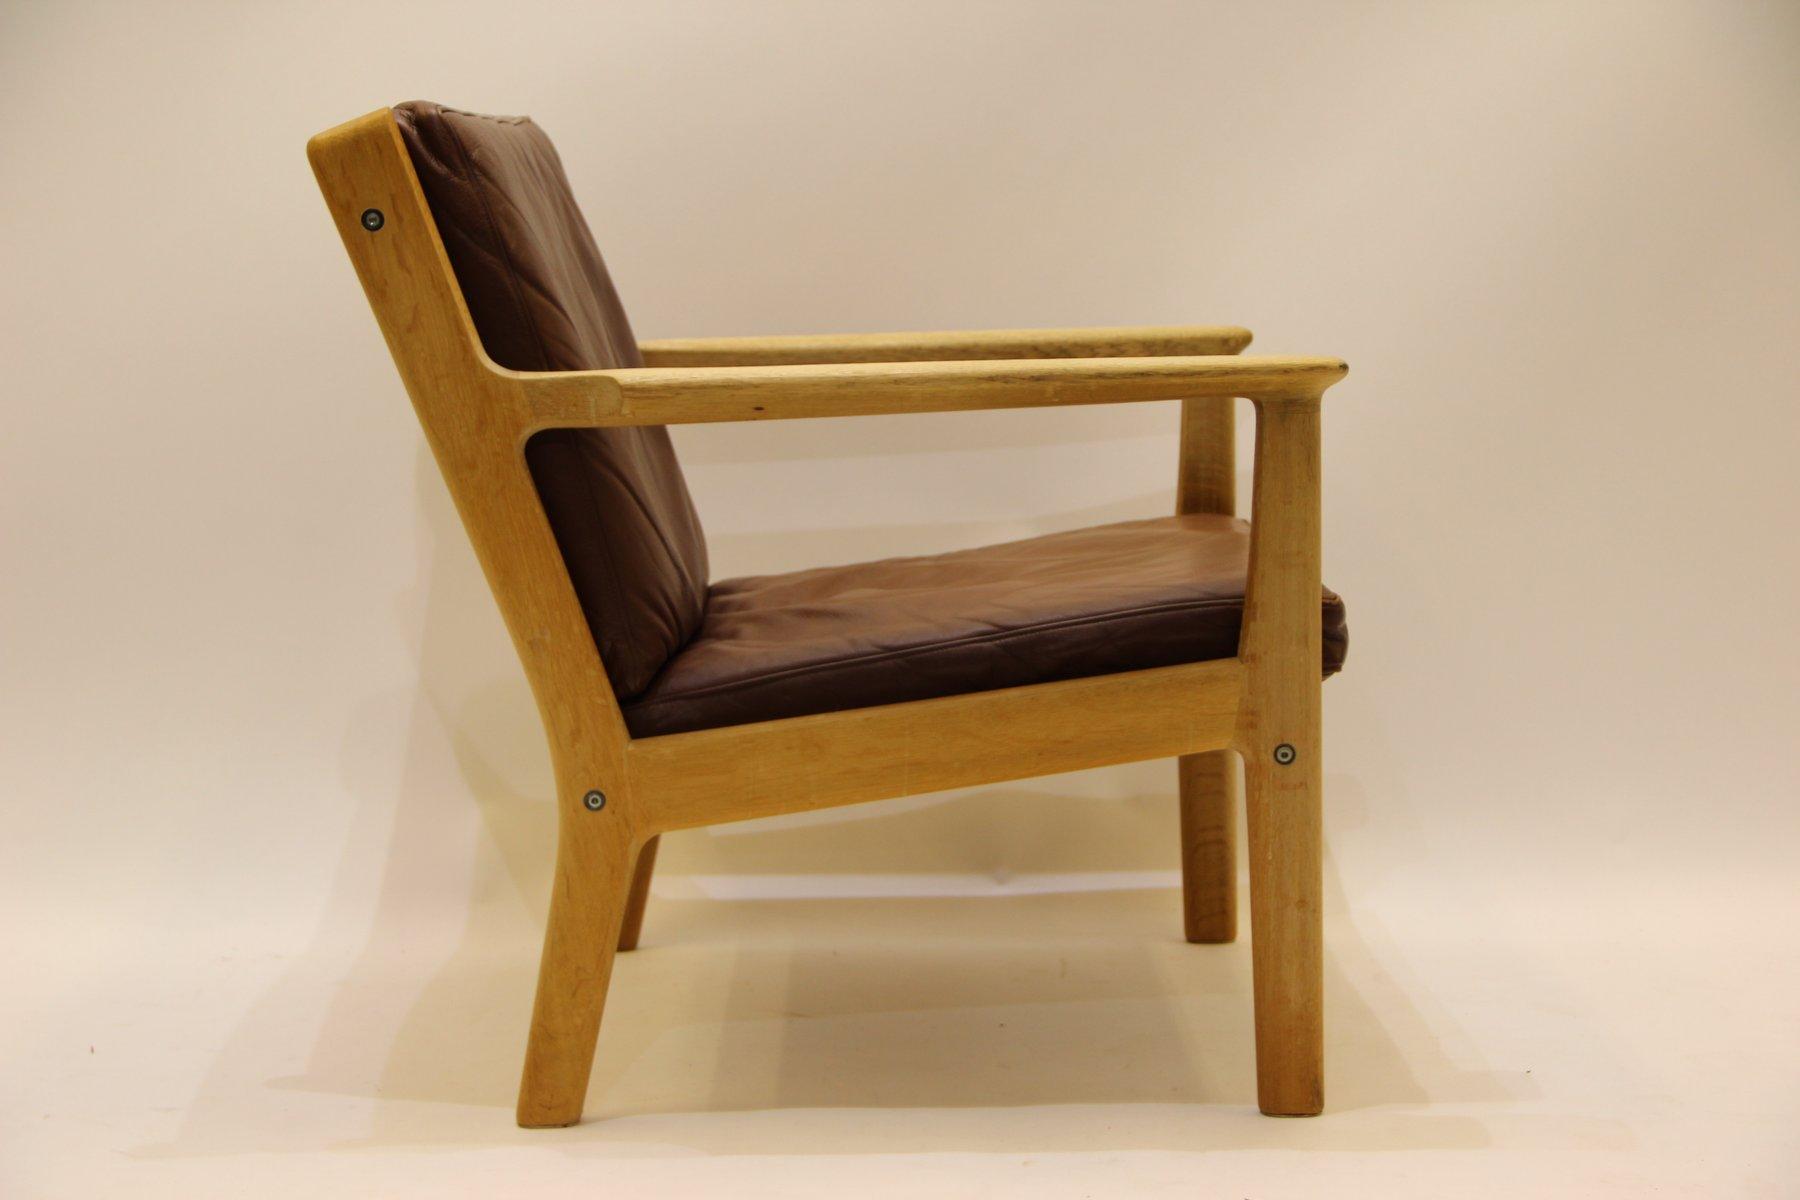 Vintage GE 265 Armchair by Hans J. Wegner for Getama